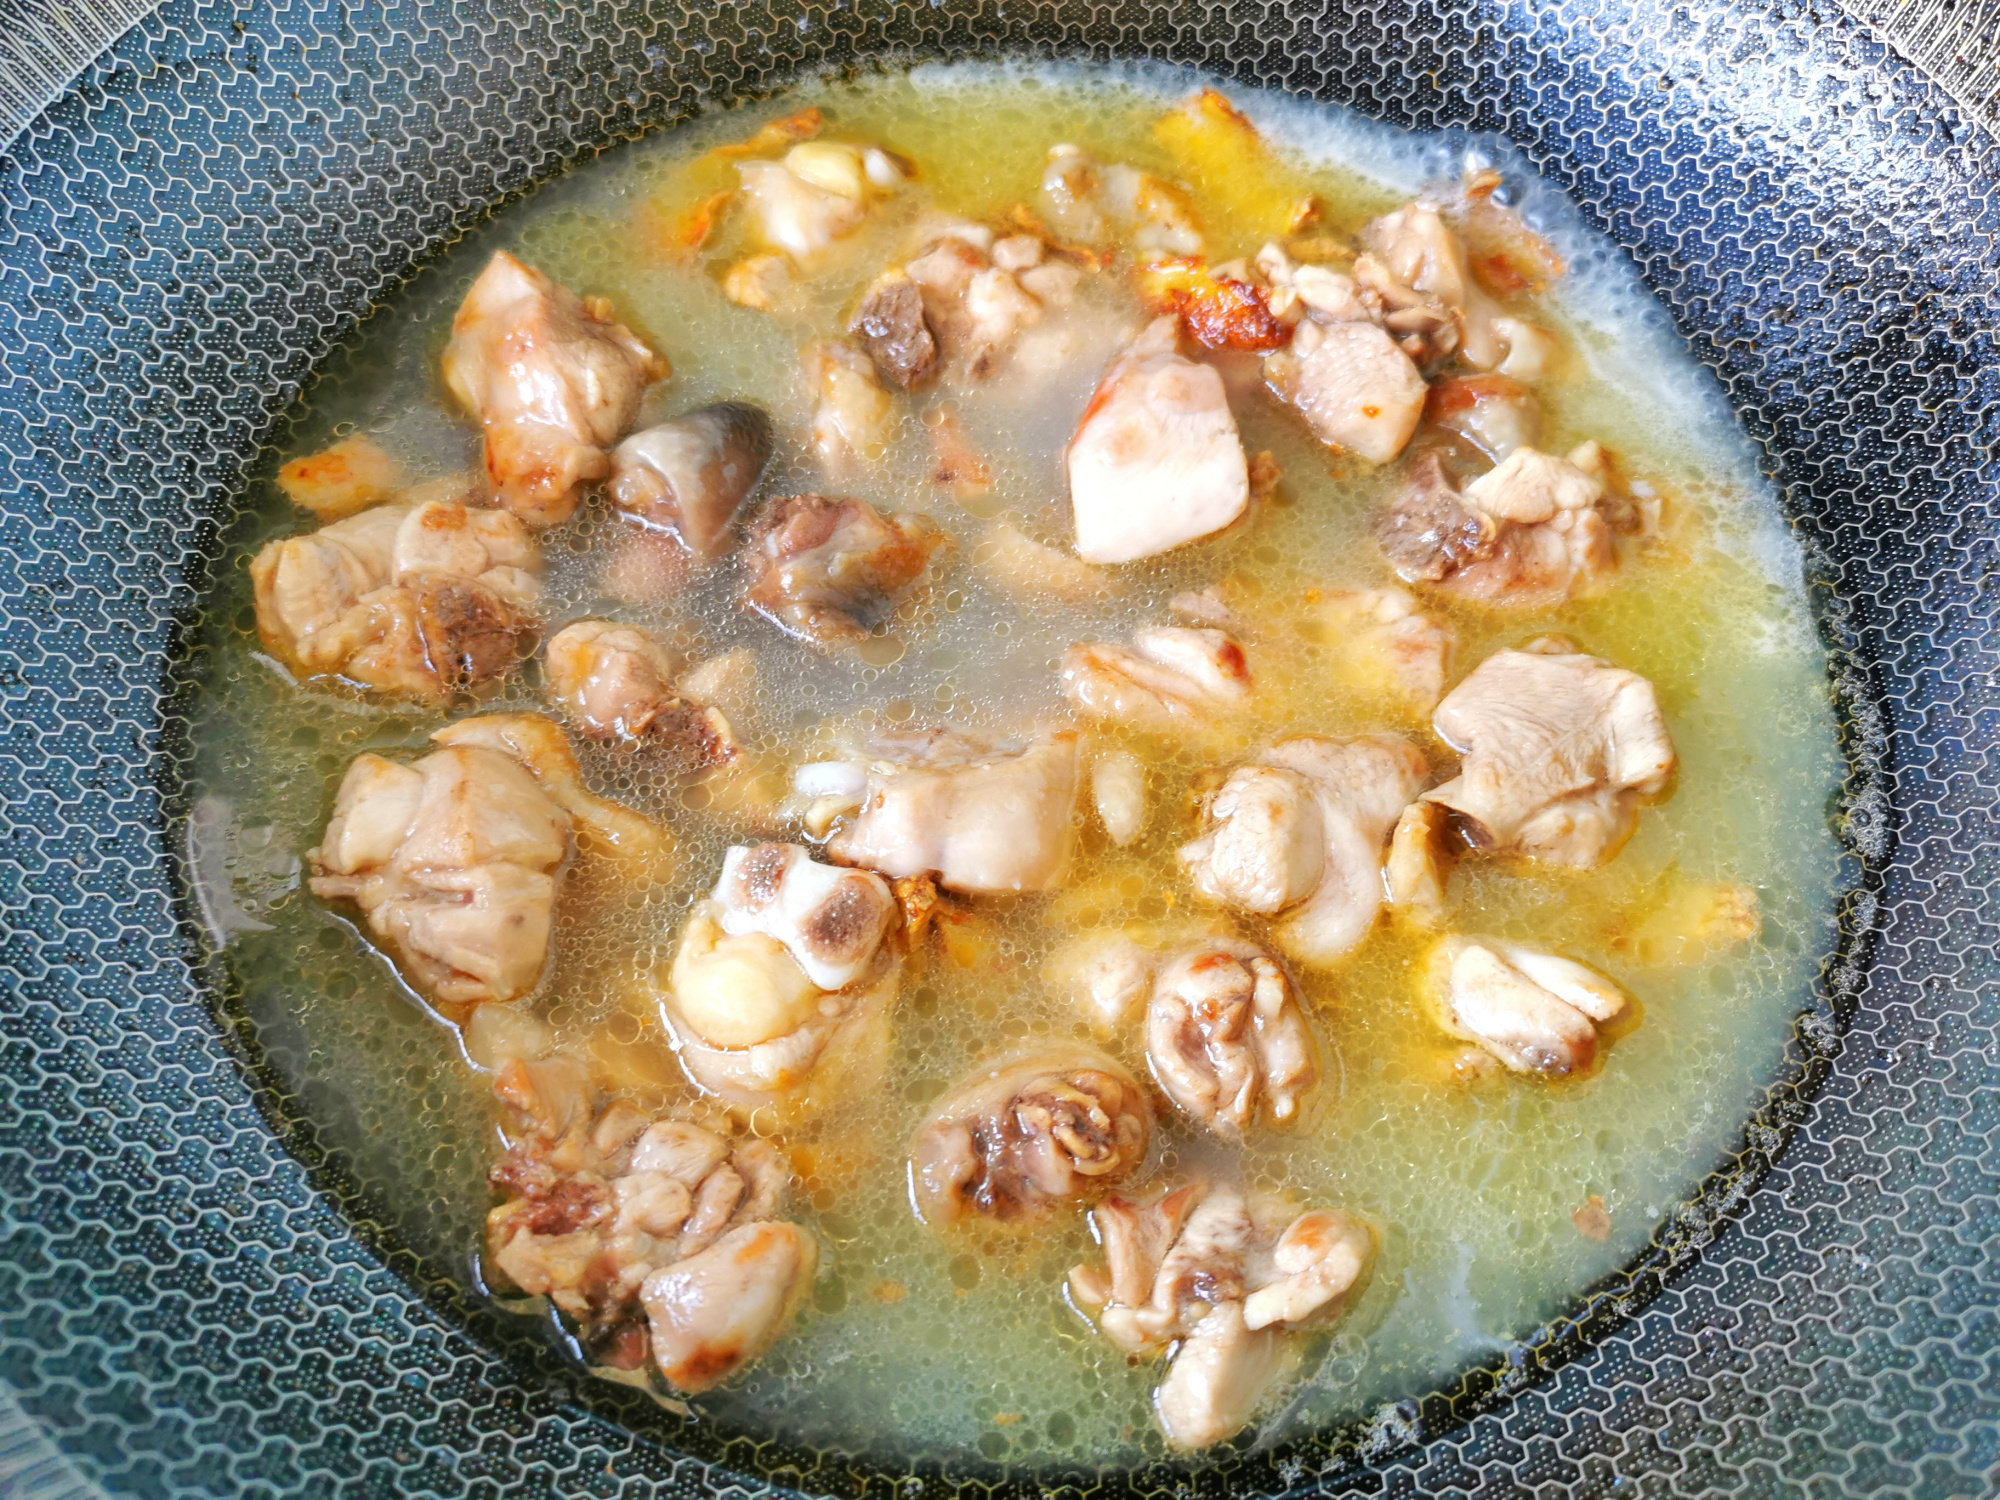 台灣女人坐月子吃的麻油雞,用米酒代替清水,滋補暖身,連湯喝完